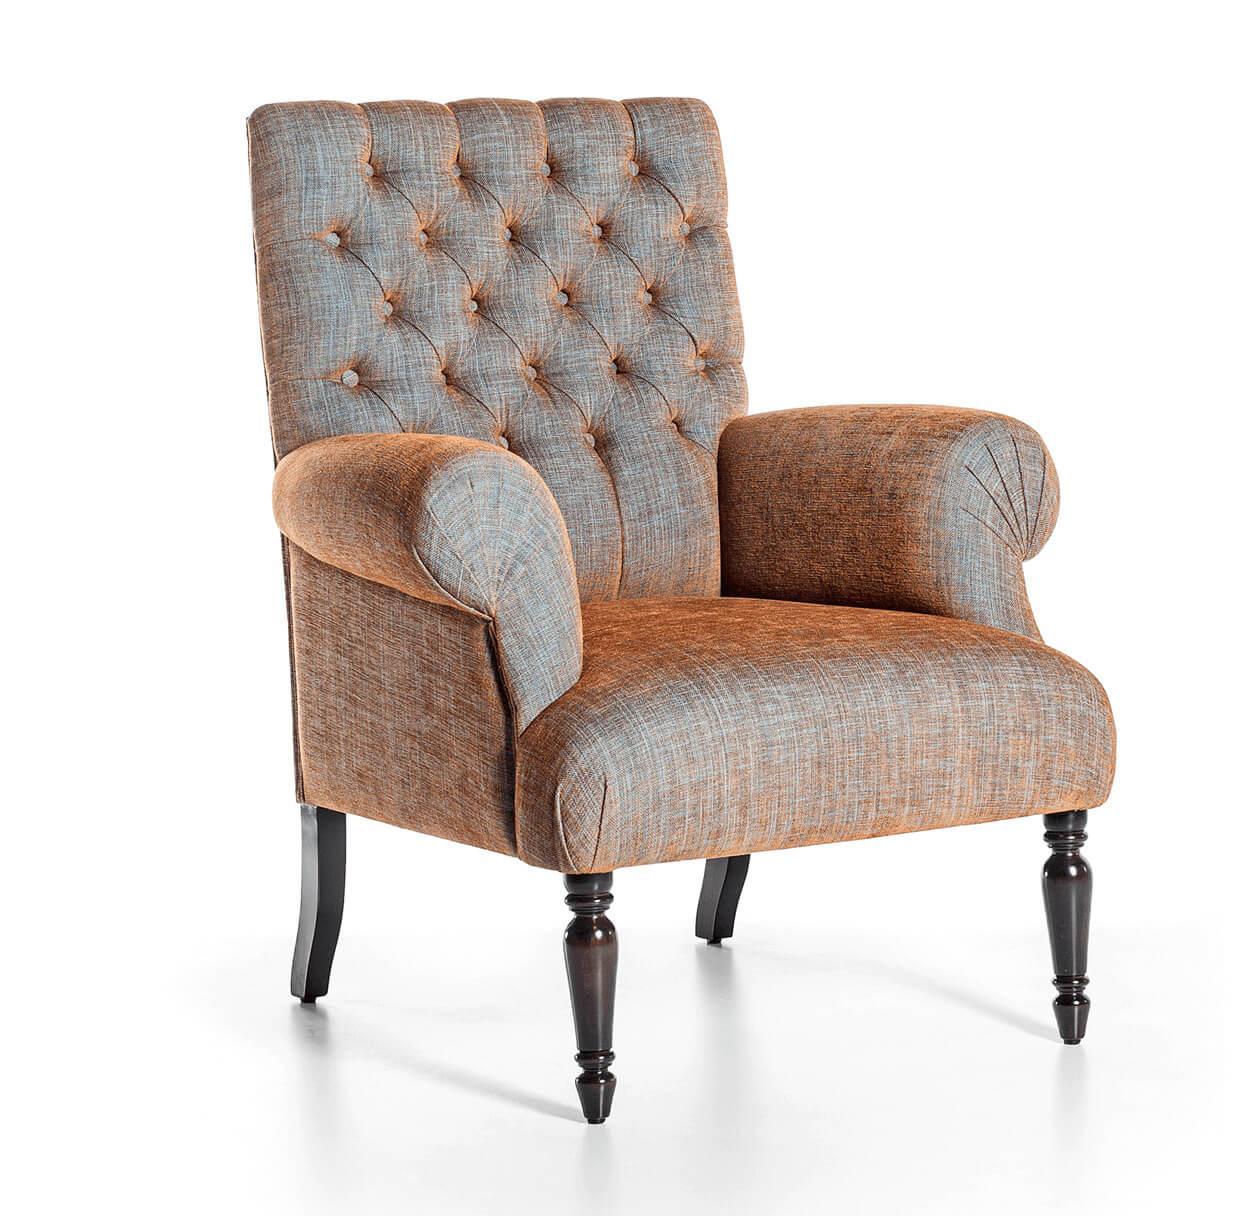 London Fauteuil - Mulleman meubelen